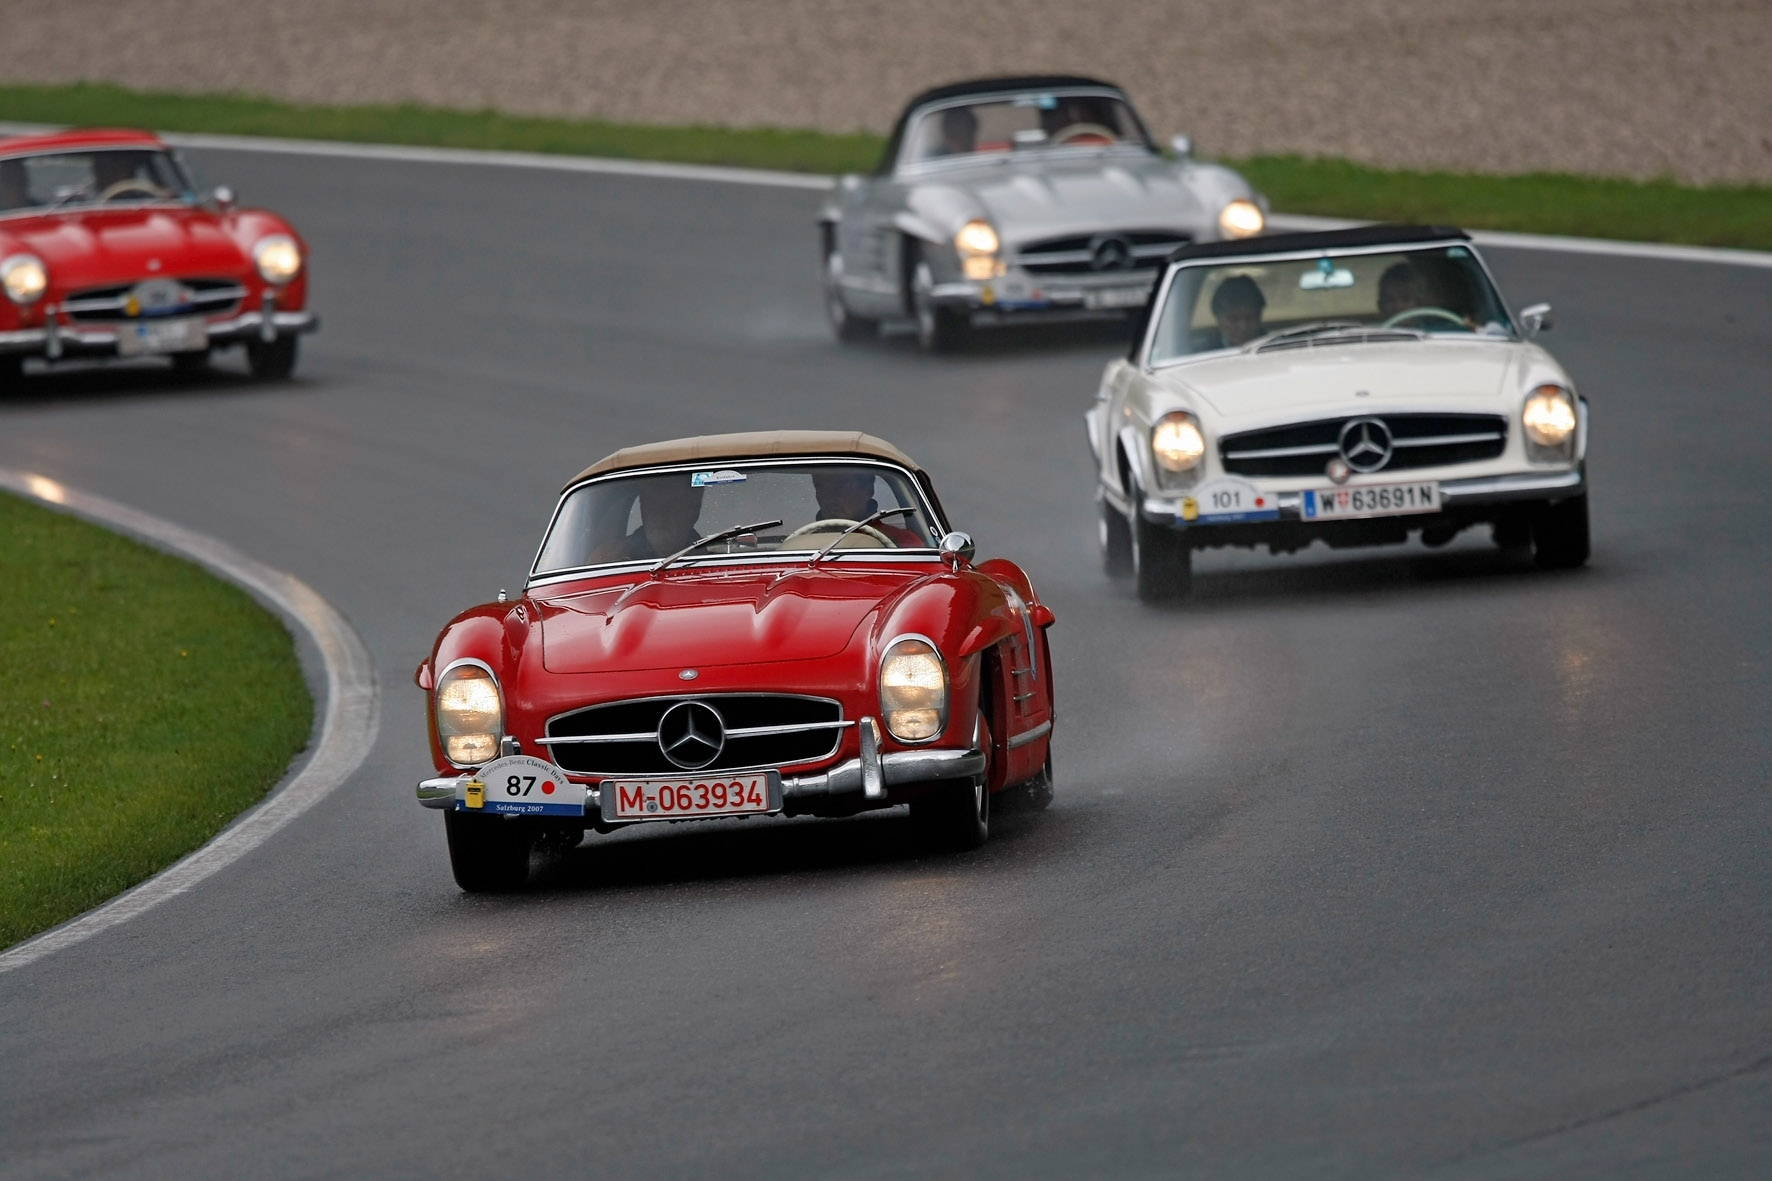 Лучшие в мире классических автомобилей на выставке Mercedes-Benz world - фотография №2